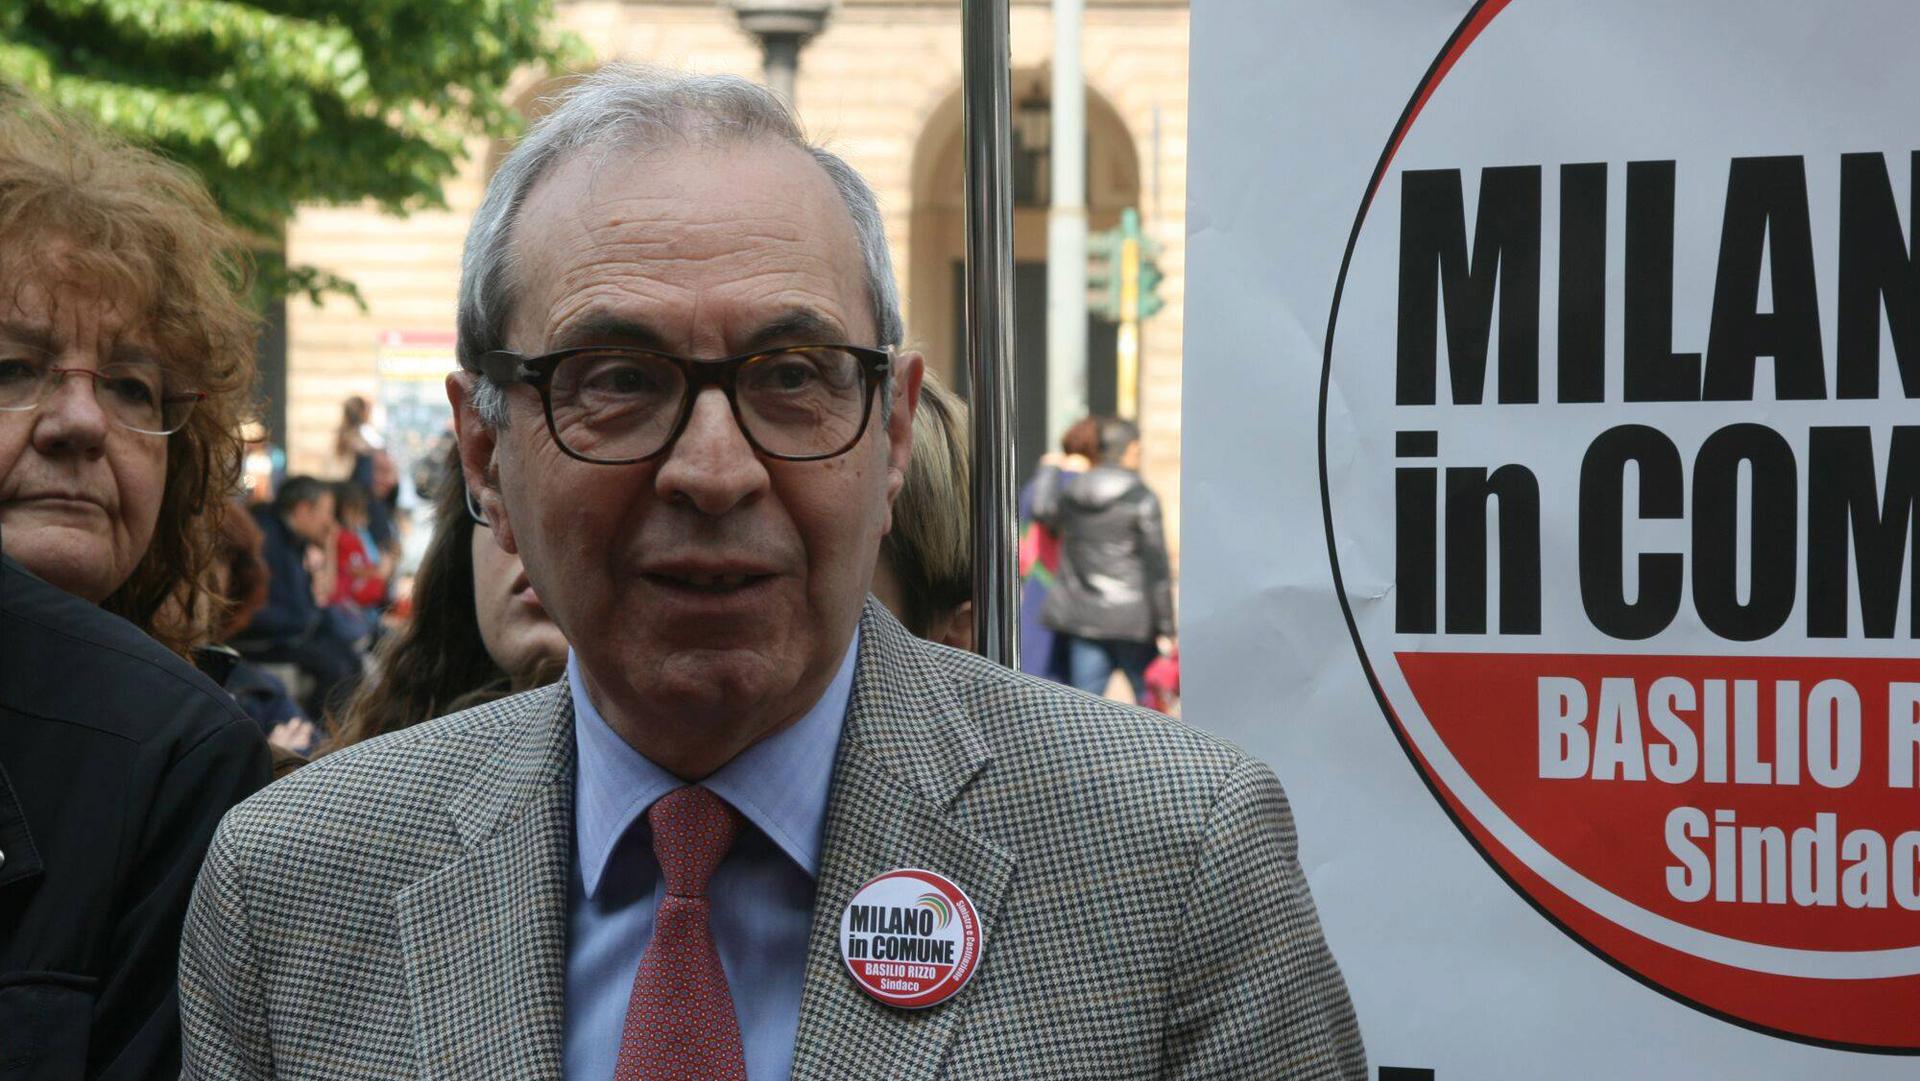 Milano, 38 anni di consiglio comunale. Intervista a Basilio Rizzo